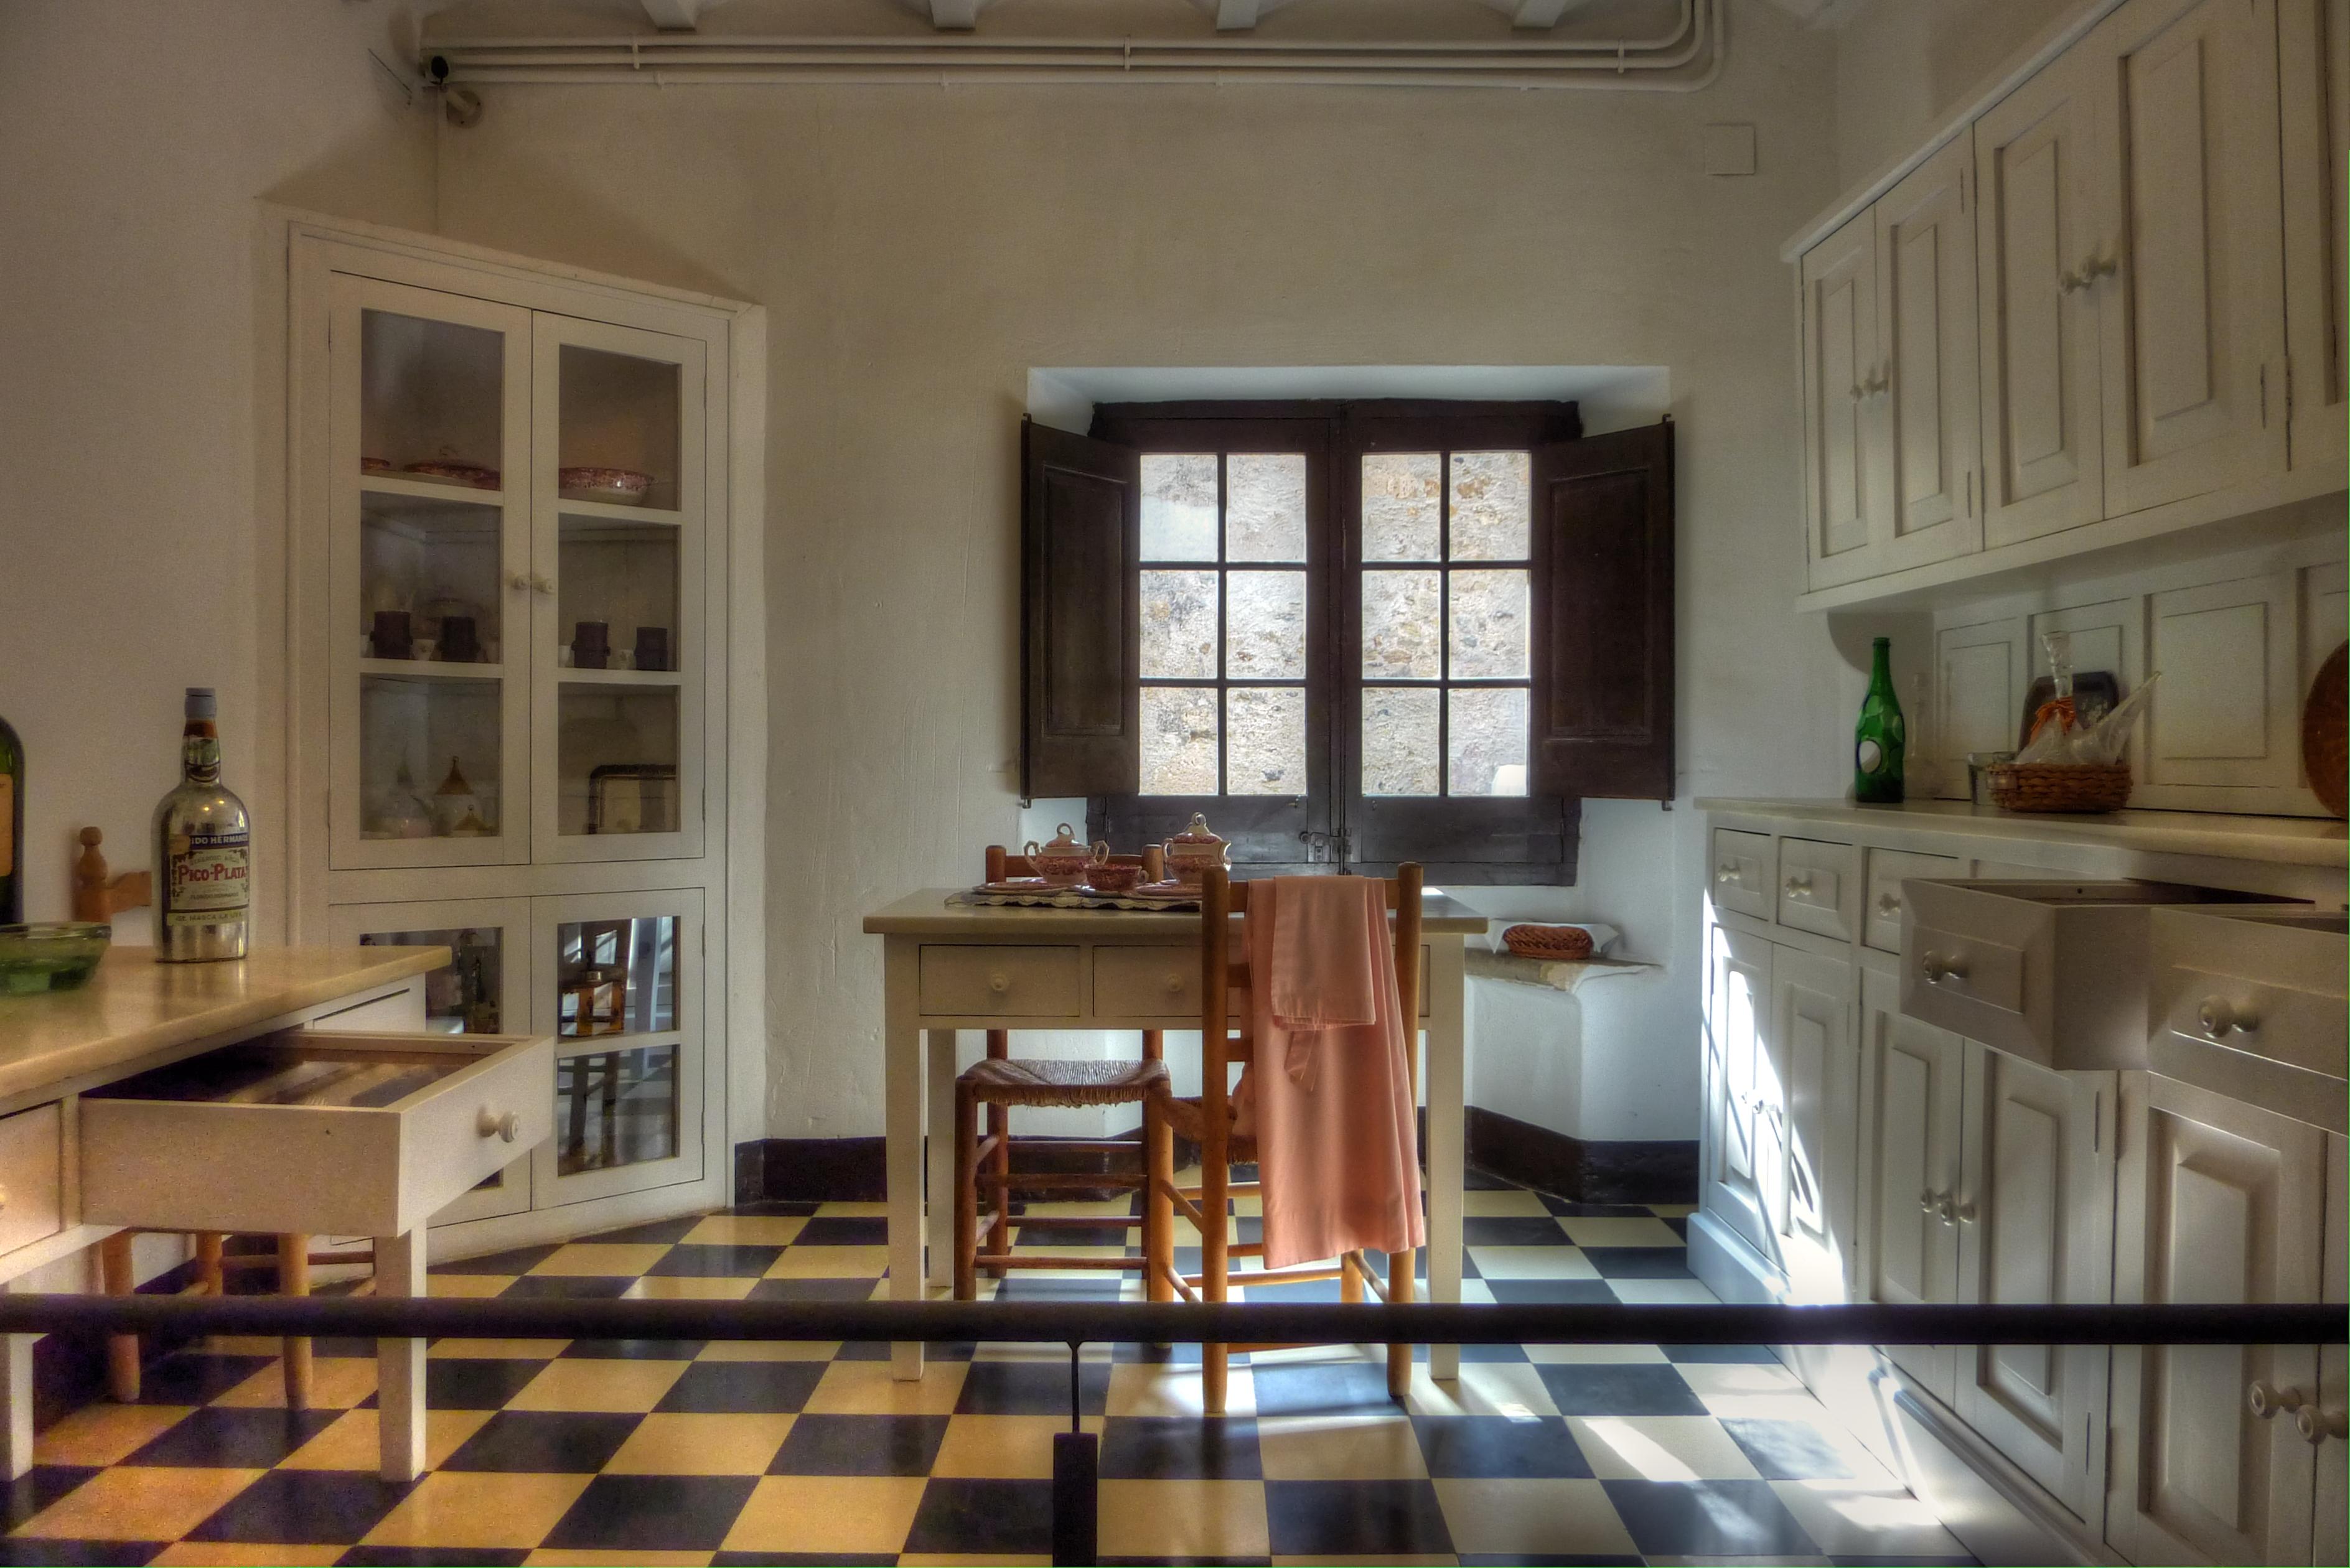 Cocina cocina del castillo de pubol hdr by fotero - Cocinas castillo ...